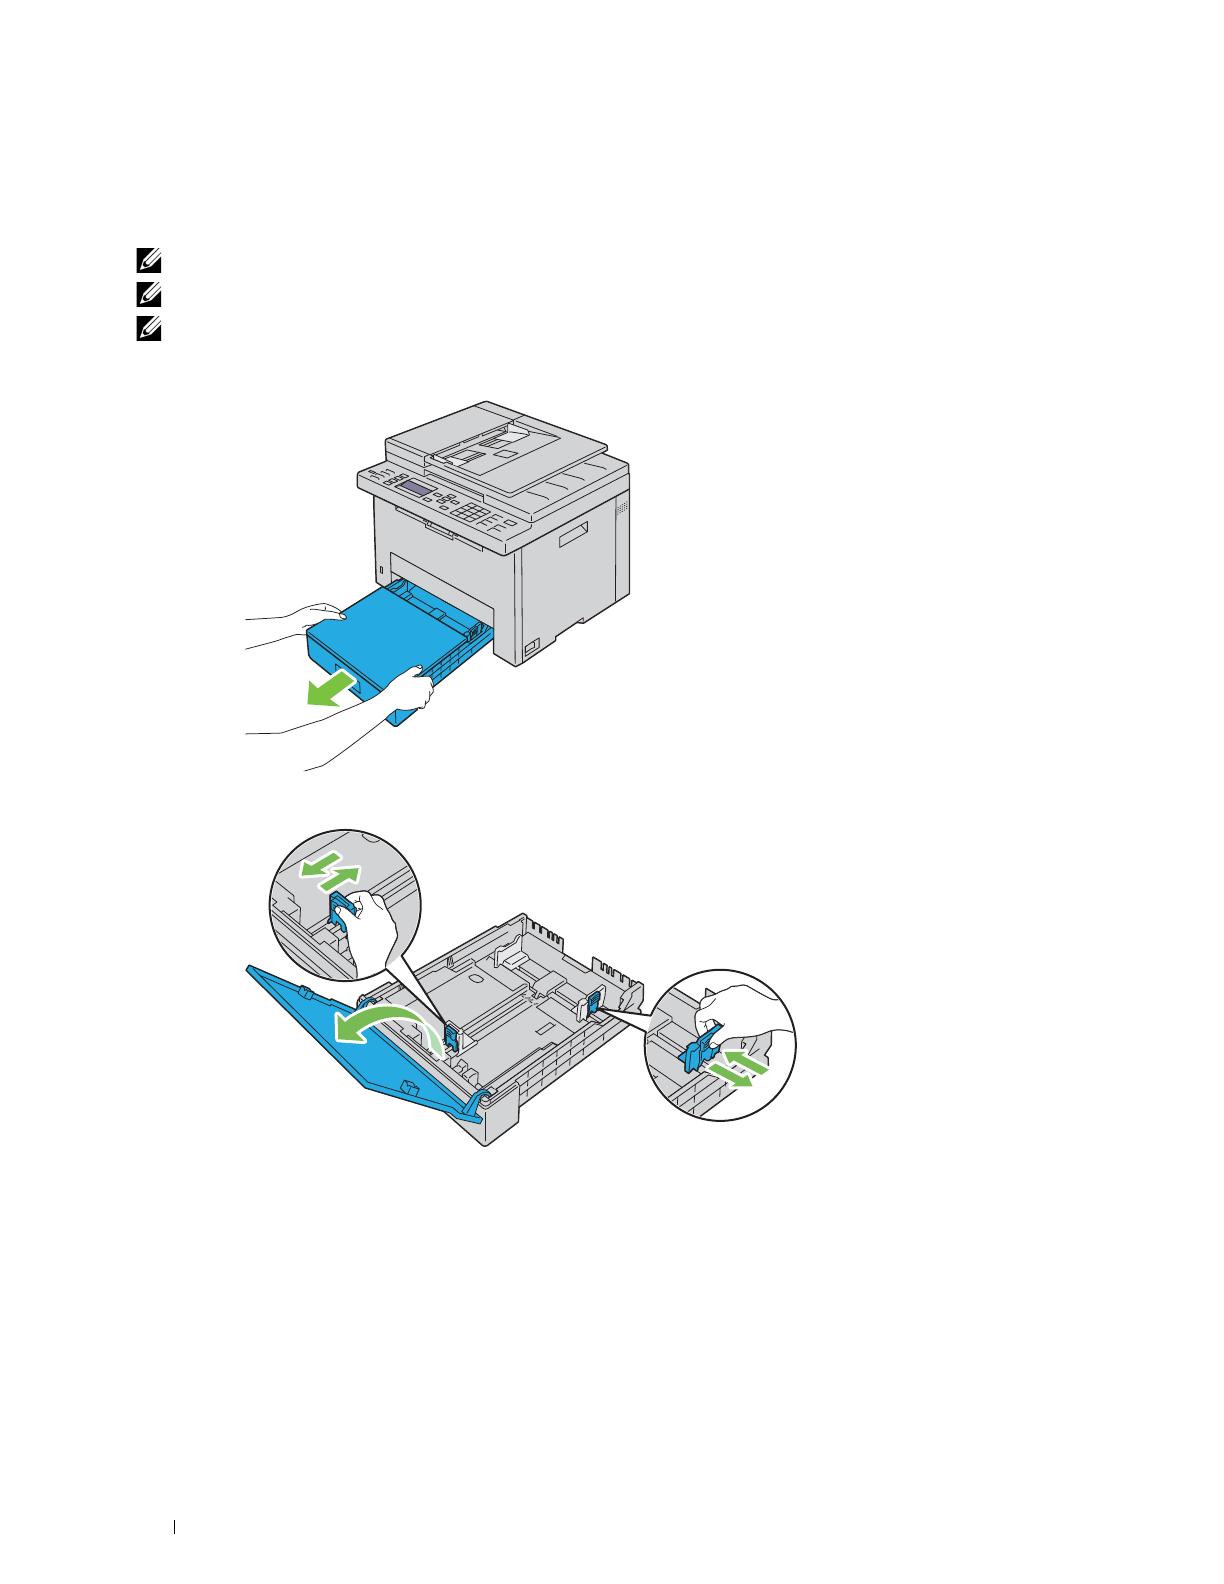 Dell E525w Color Multifunction Printer User's Guide User